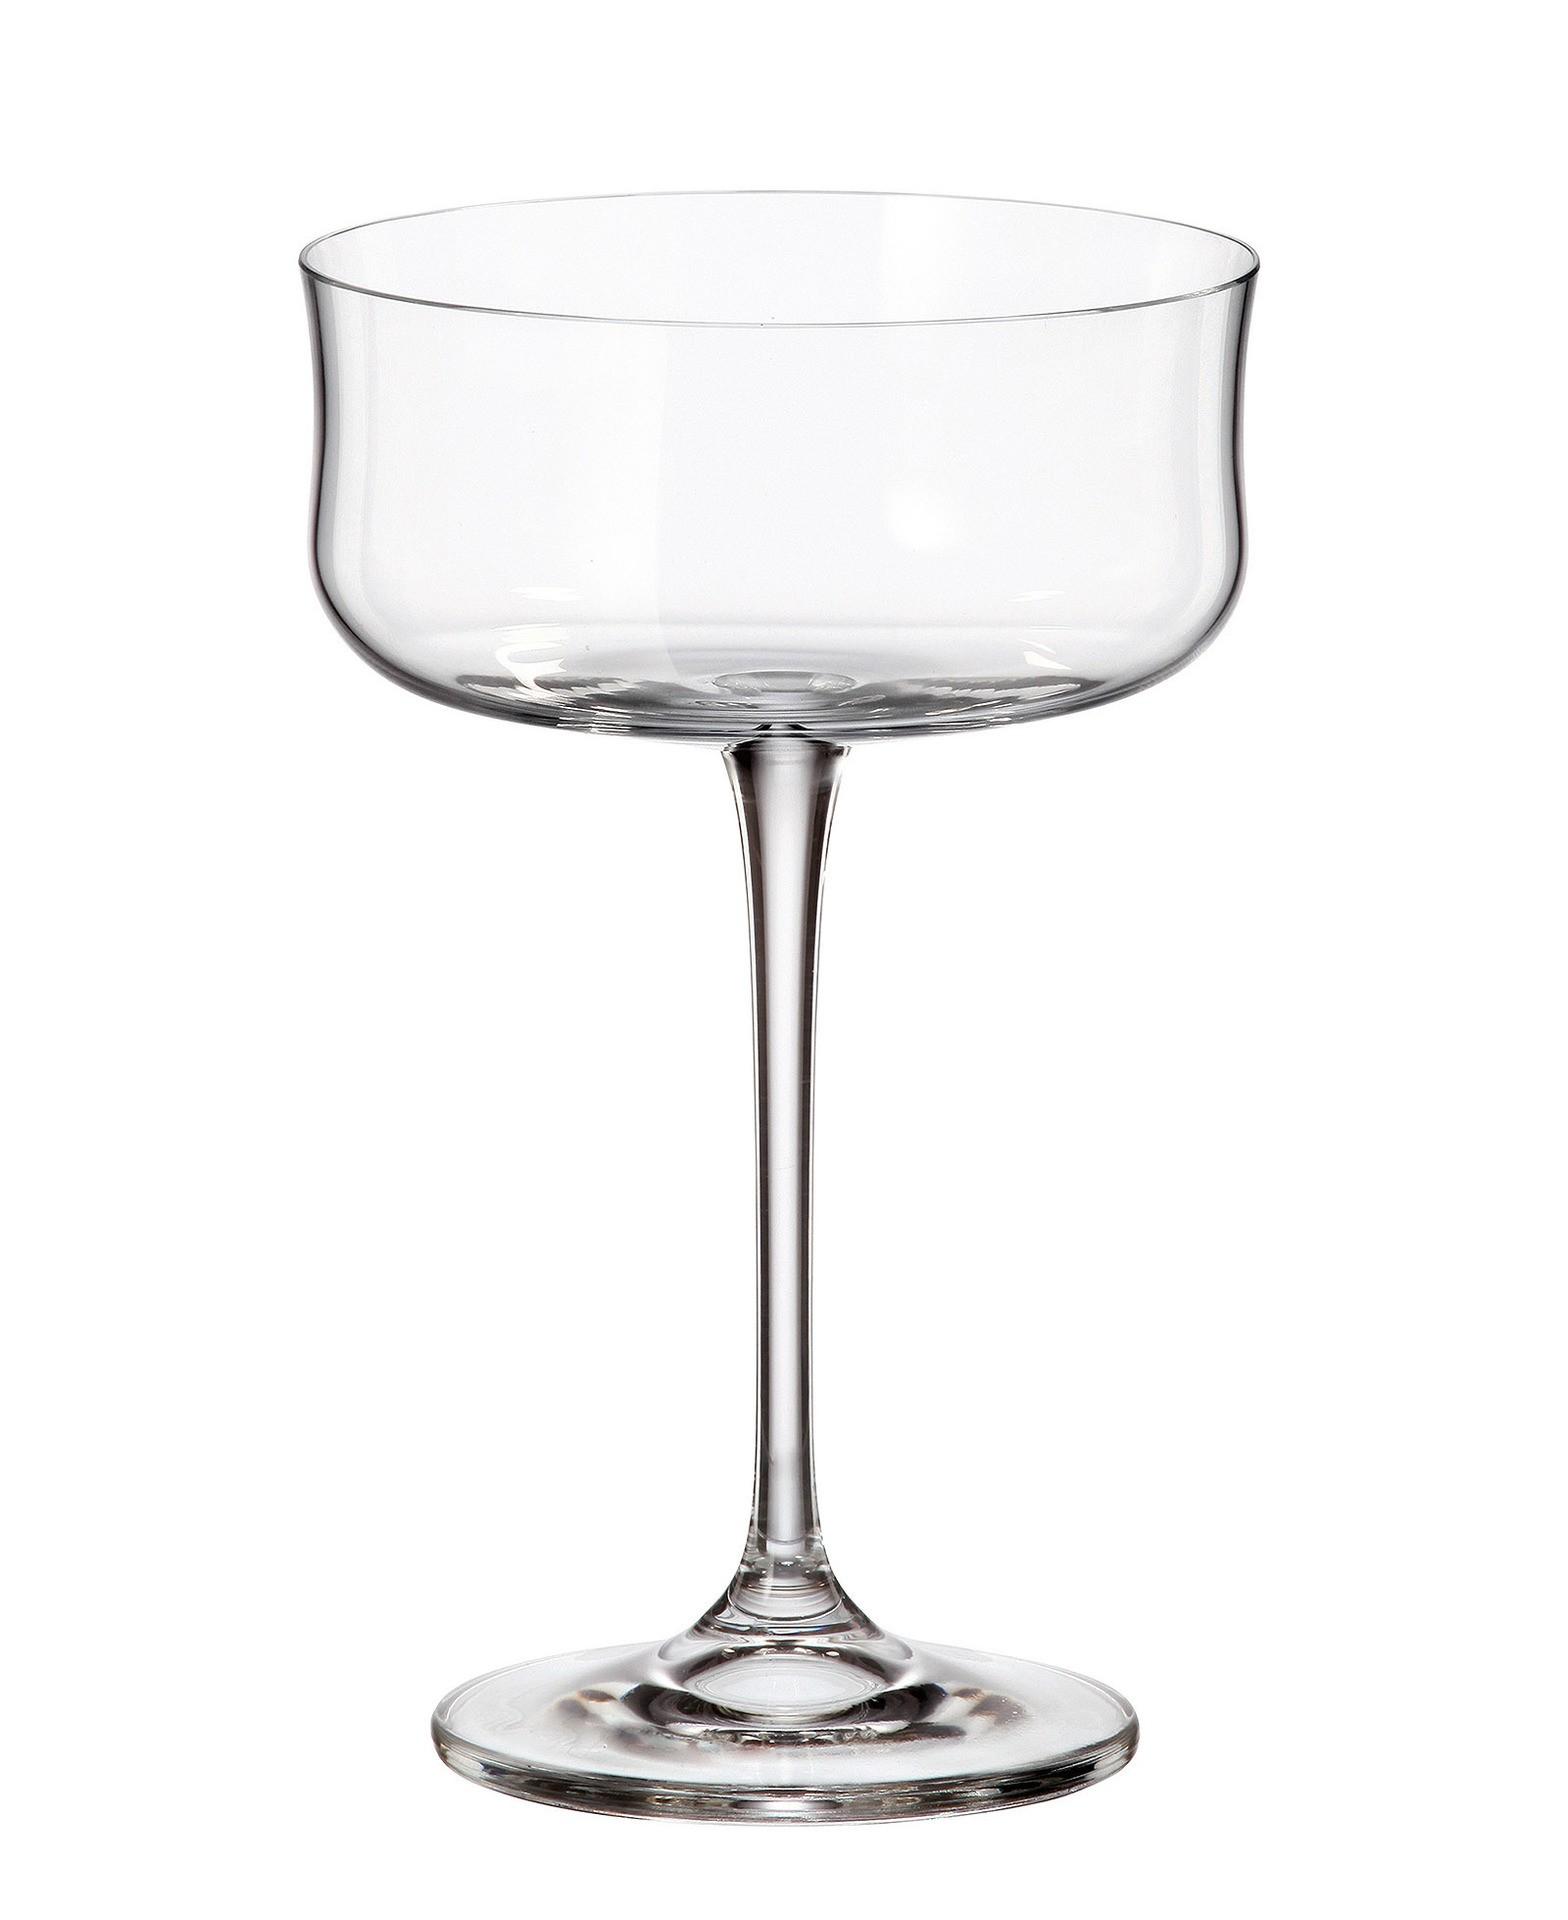 Ποτήρι Martini Buteo Σετ 6Τμχ Κρυστάλλινο 290ml Bohemia home   ειδη σερβιρισματος   ποτήρια